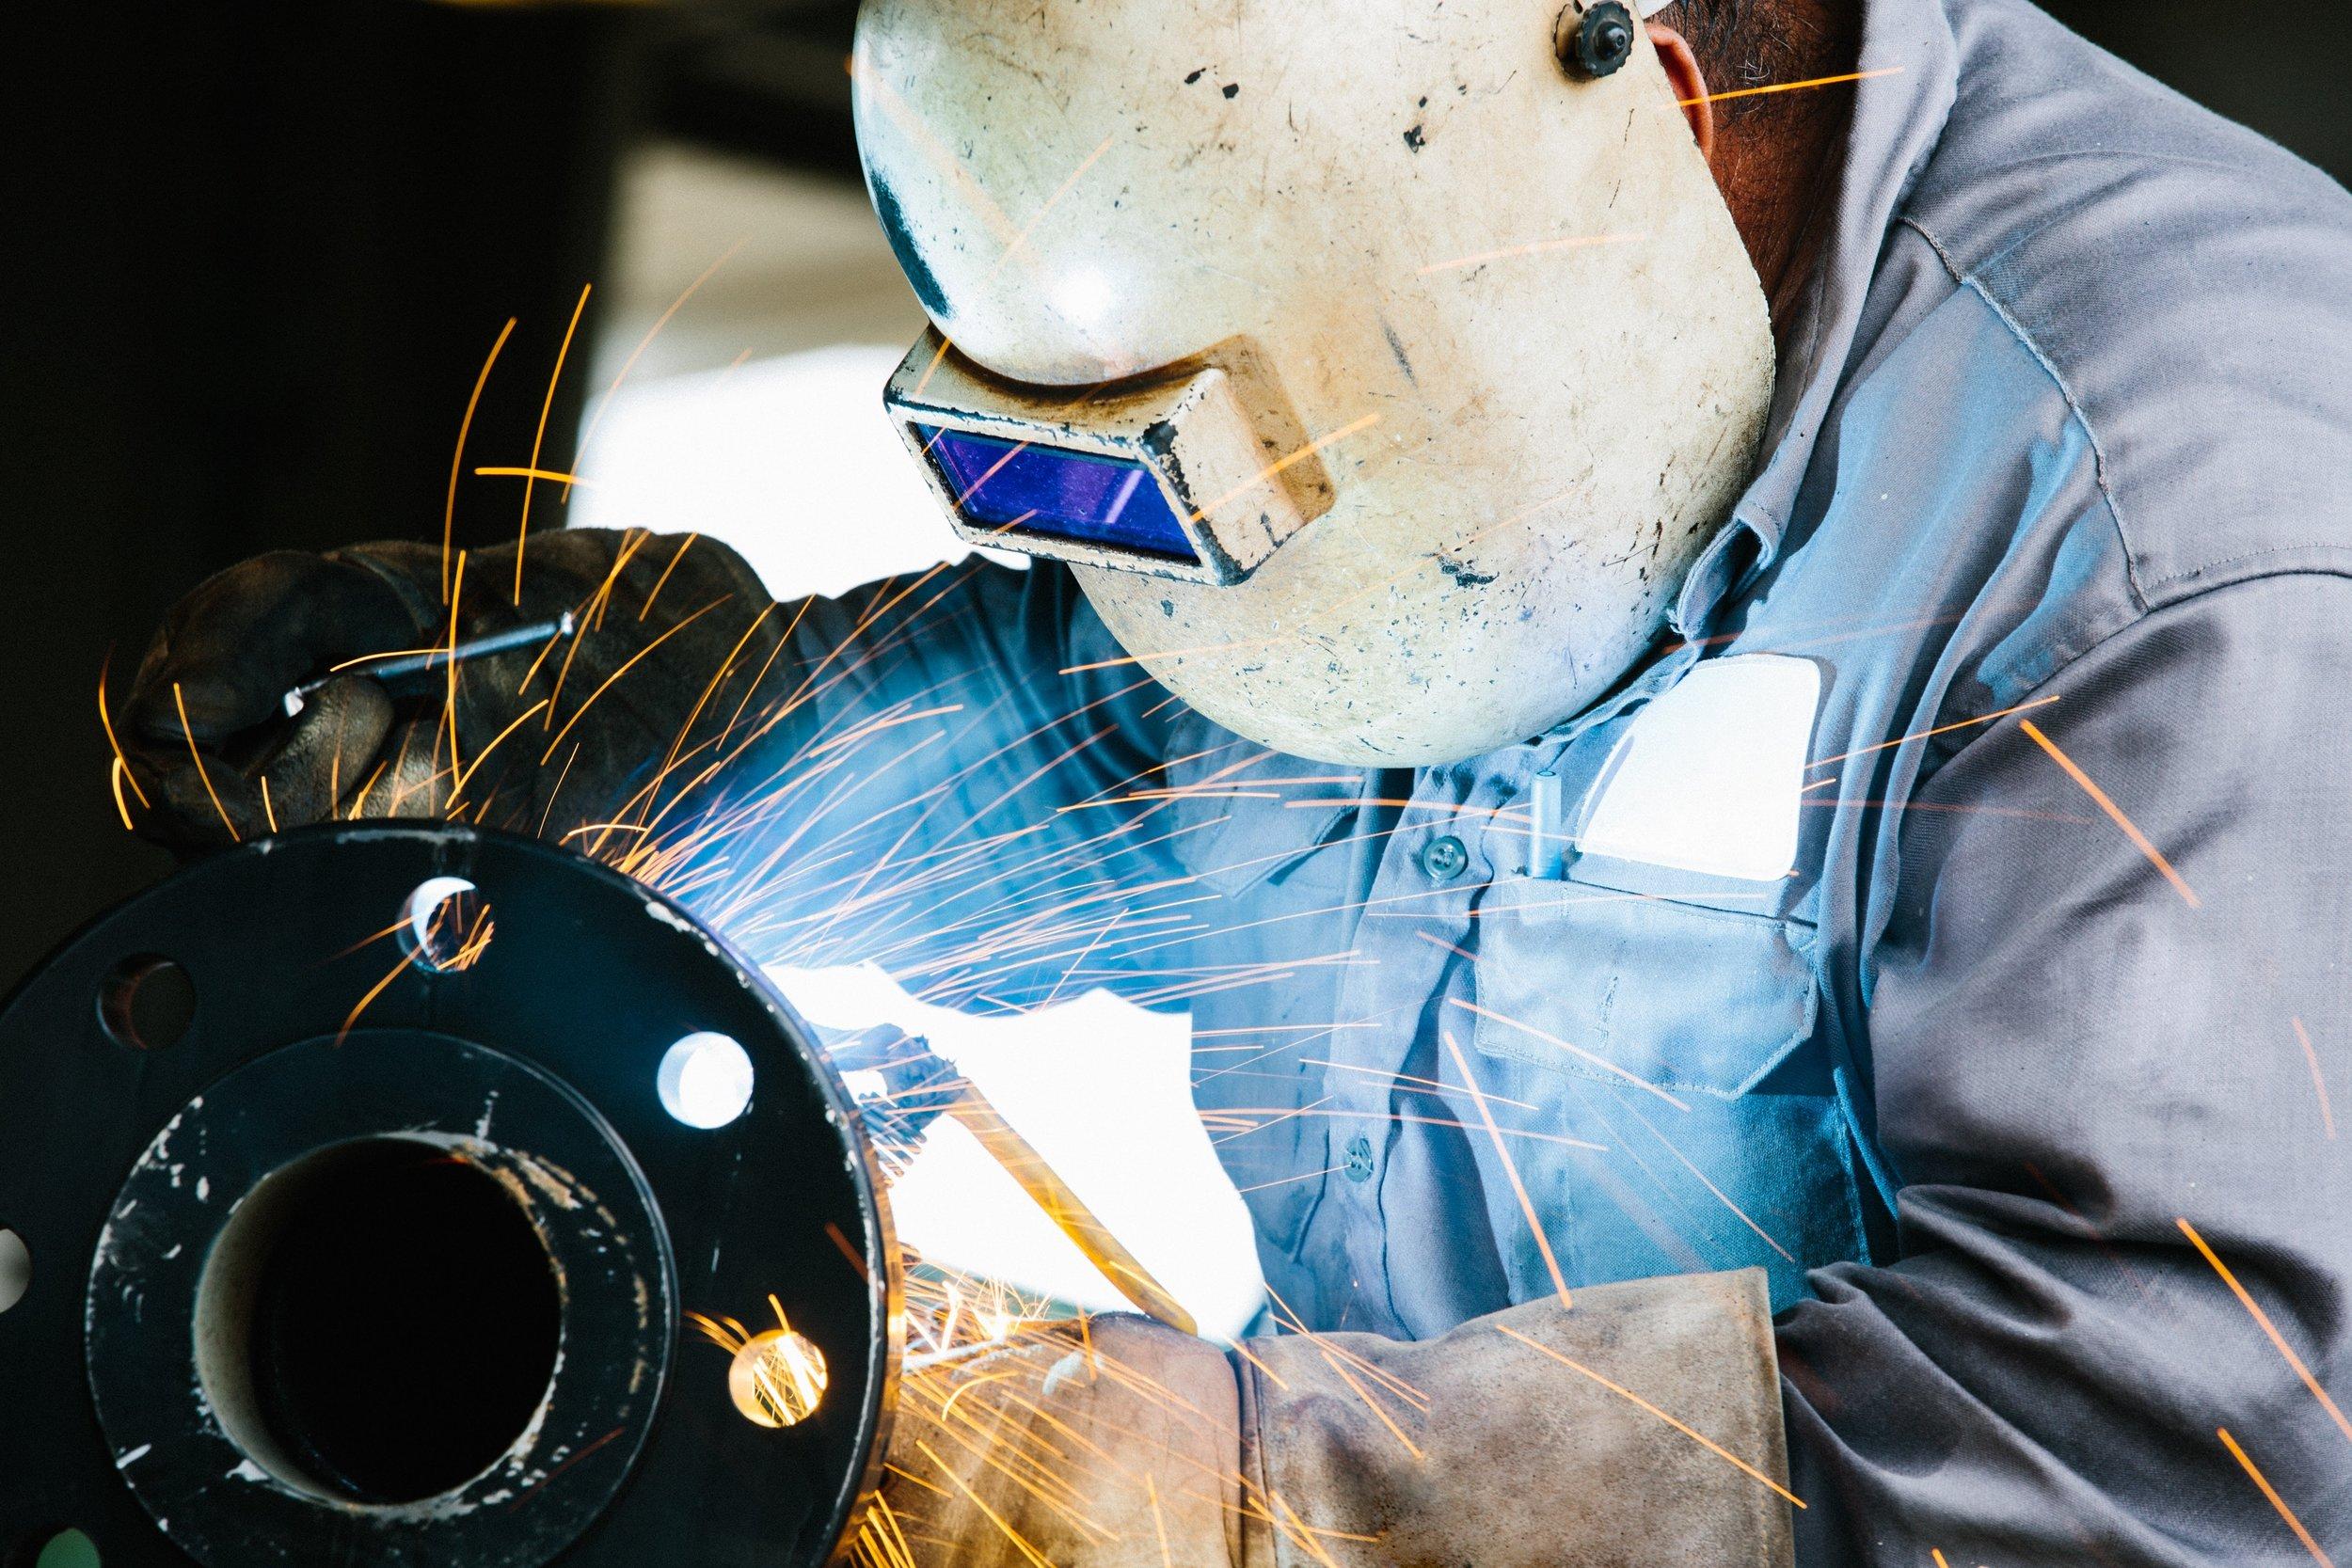 Welder Compensated for Lost Wages & Medical Bills After Shoulder Injury -